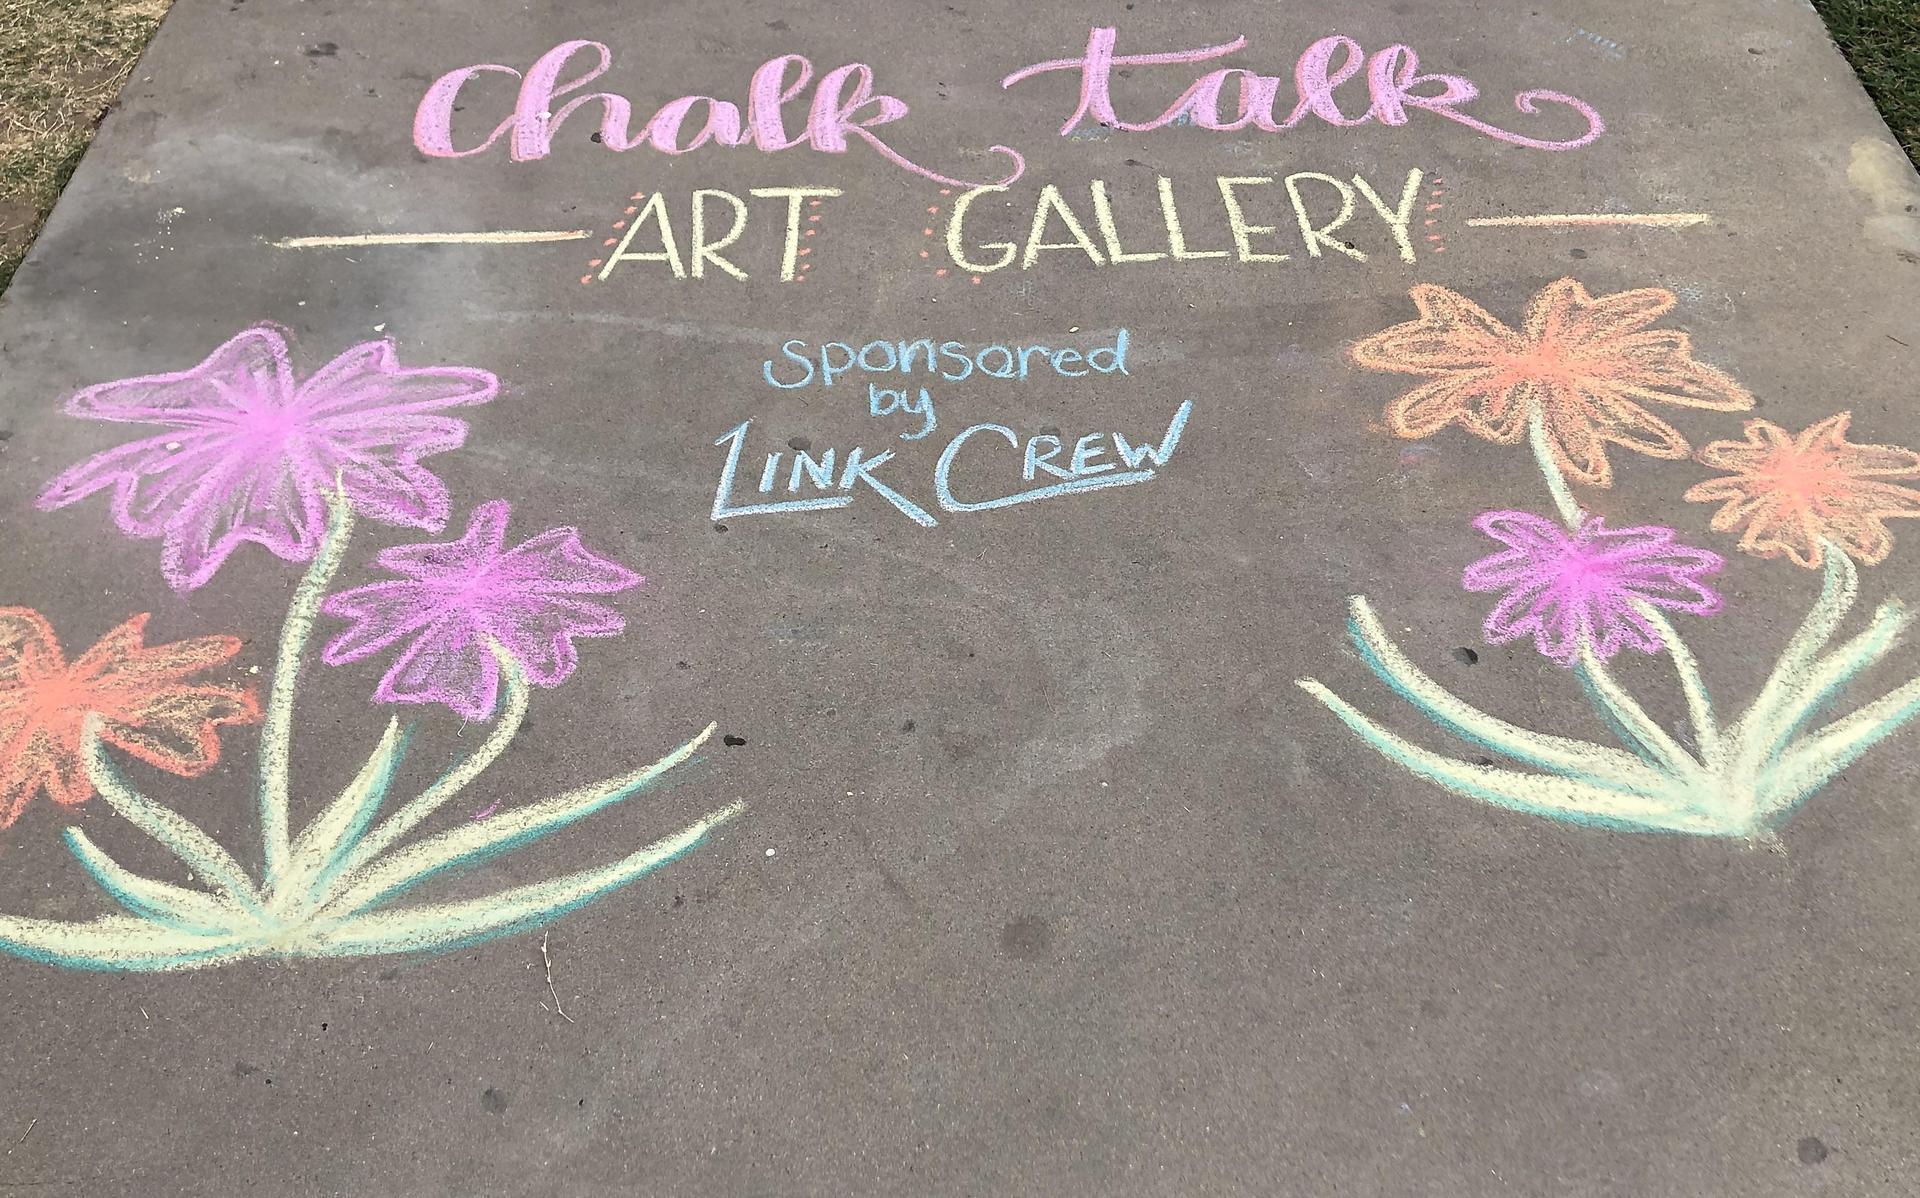 Chalk Talk 2020